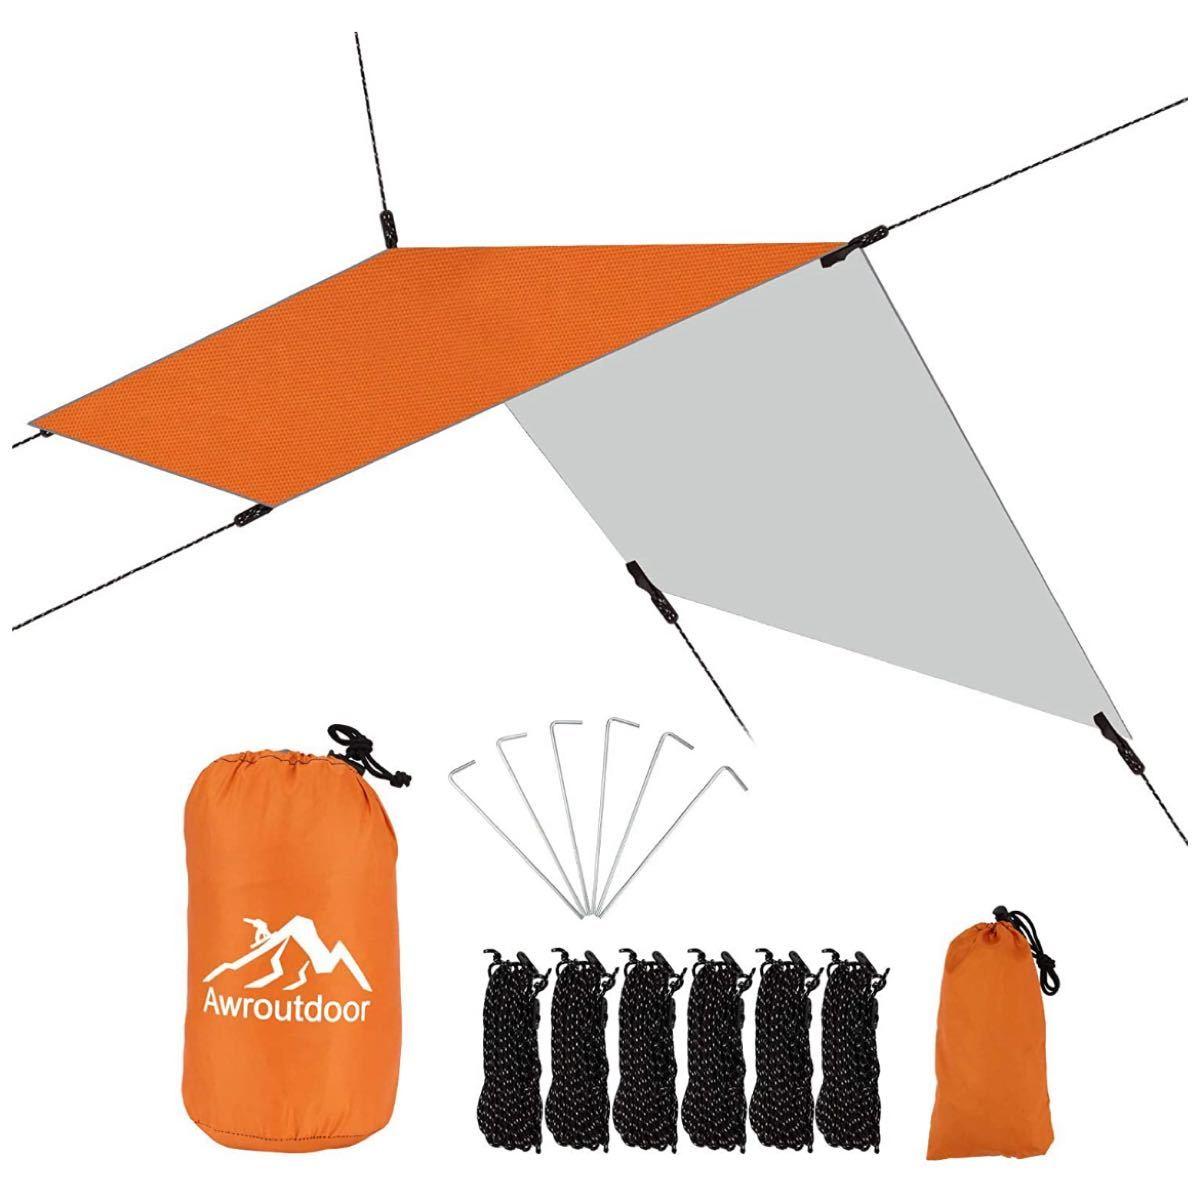 タープテント 防水タープ 天幕 シェード テント ソロキャンプ 軍幕 紫外線 UV カッ 日よけ 遮熱 撥水加工 耐久 I1721